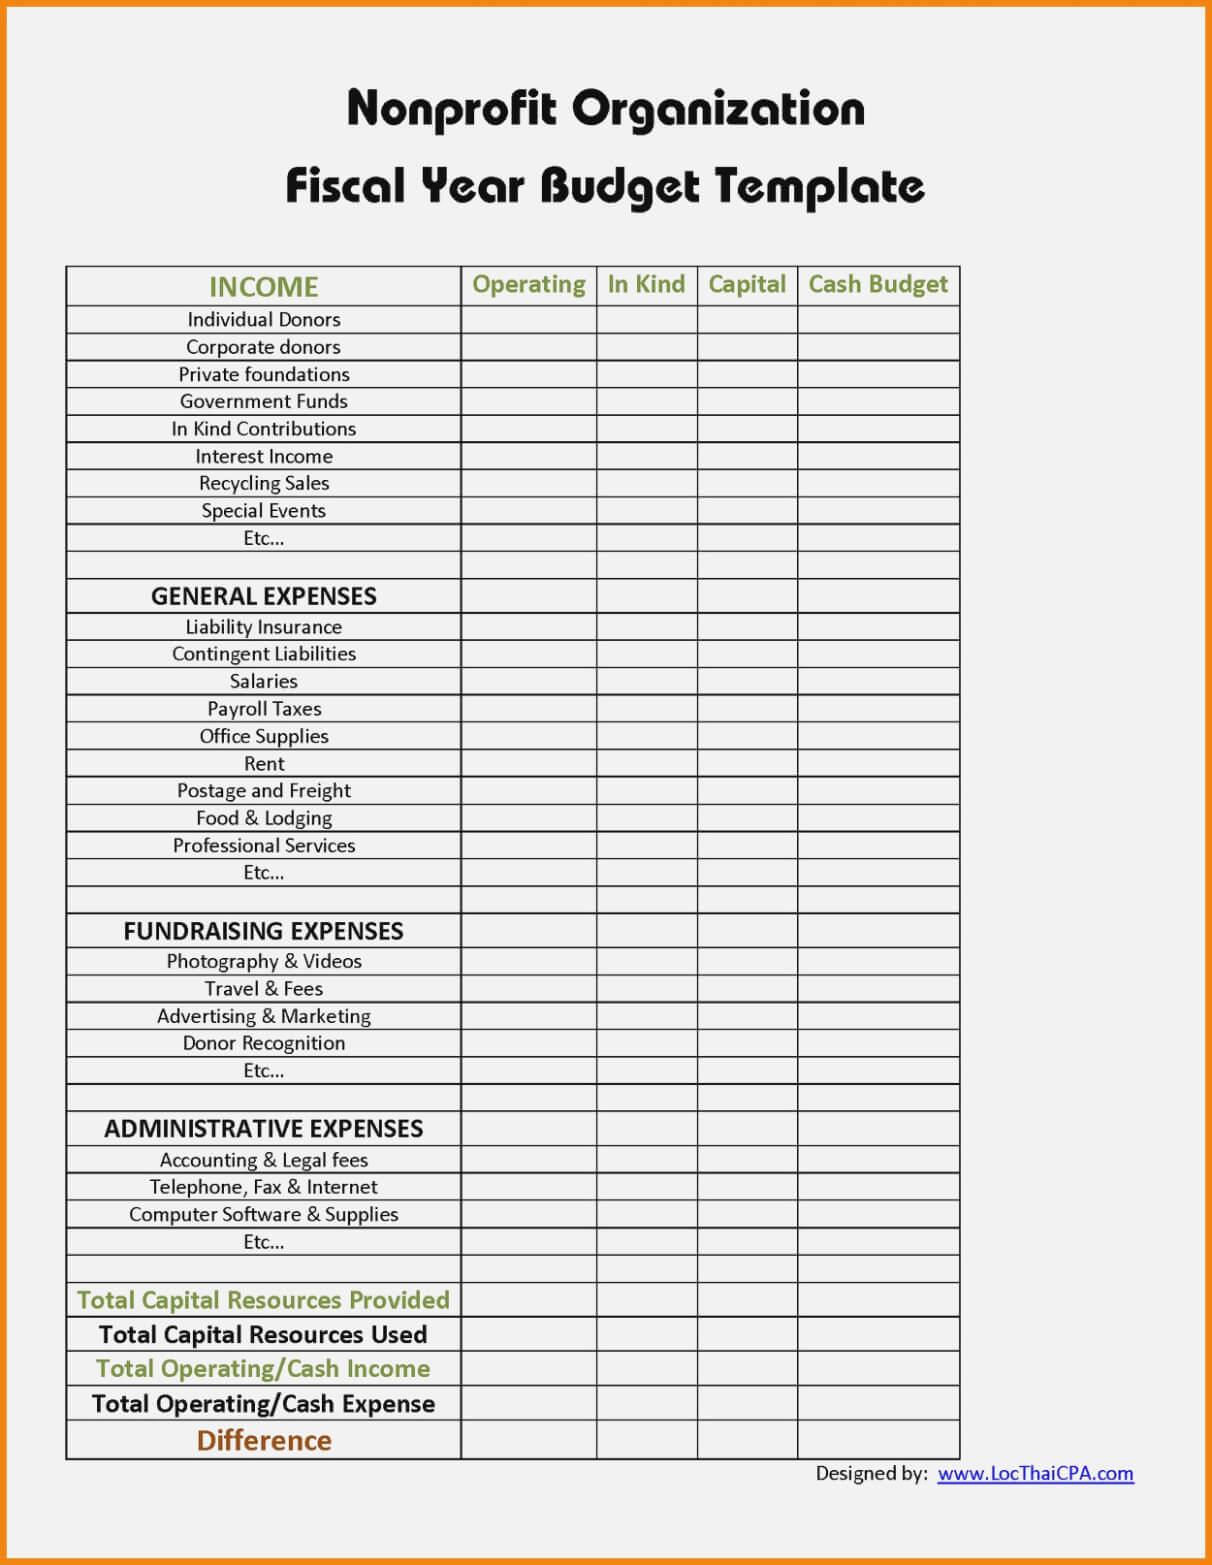 10 Treasurers Report Template | Resume Samples throughout Treasurer Report Template Non Profit